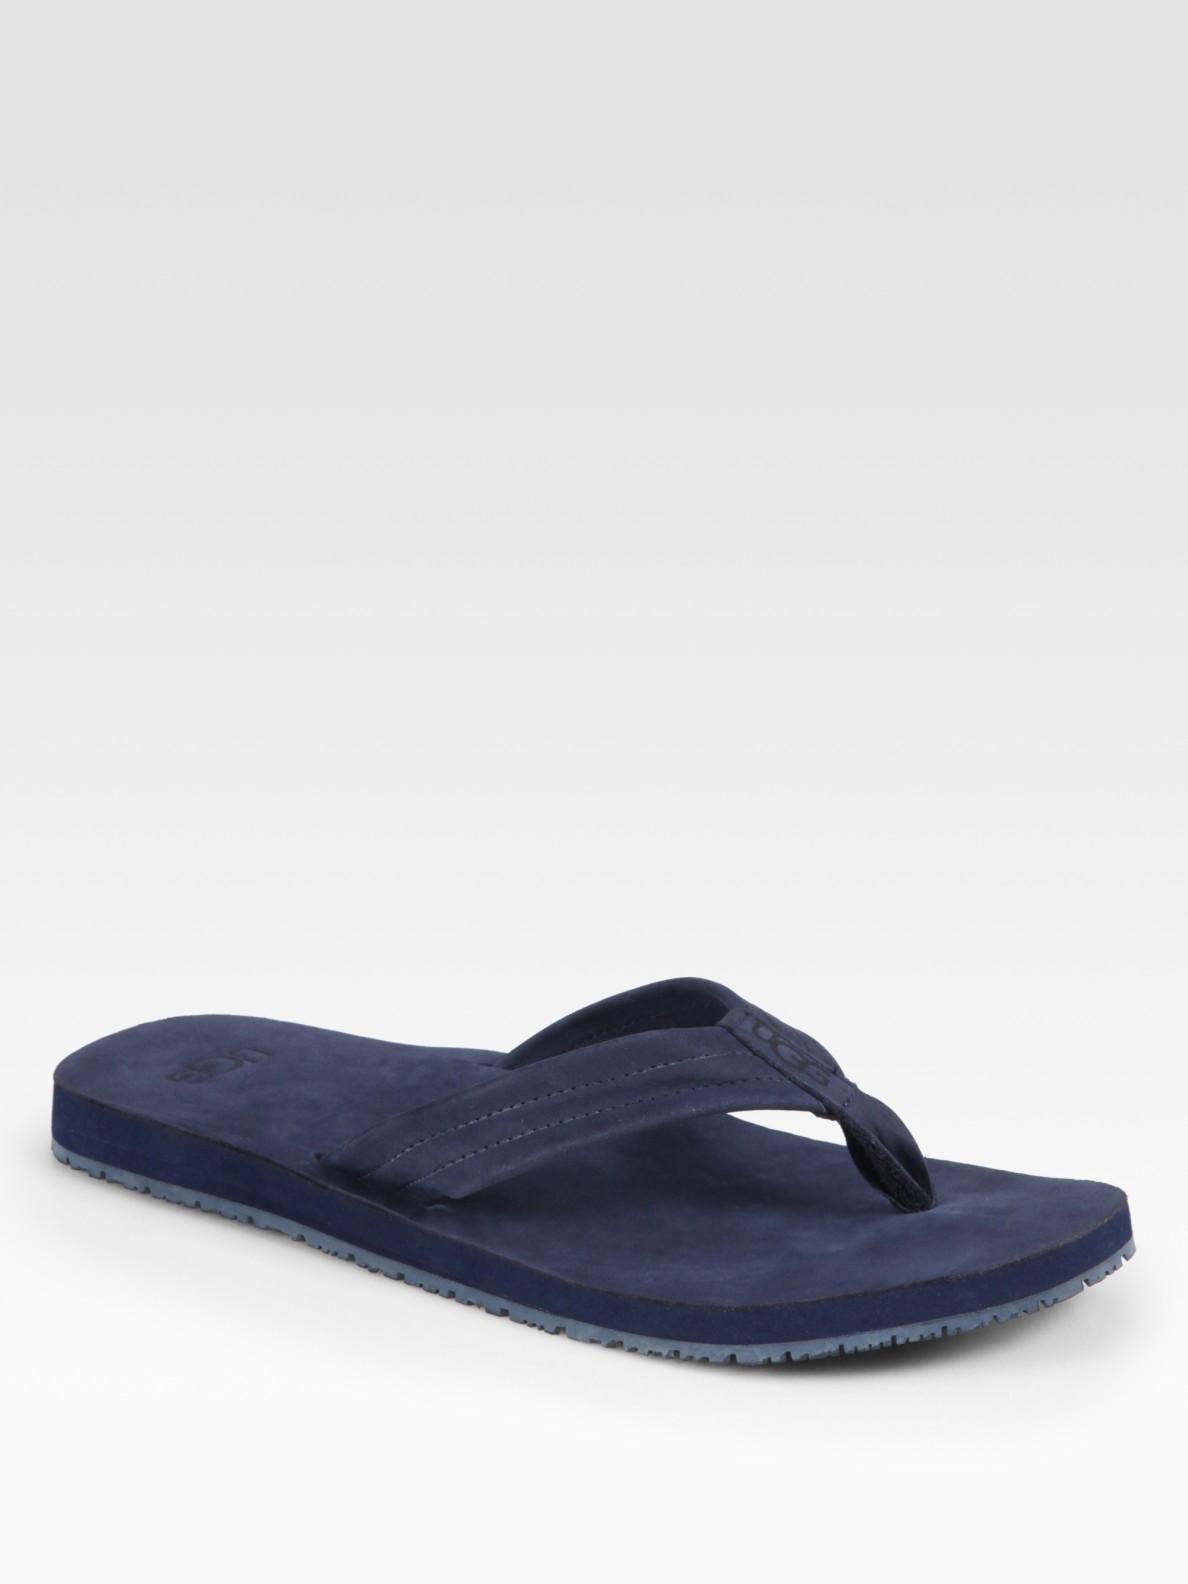 Ugg Suede Flip Flops In Blue For Men - Lyst-6177